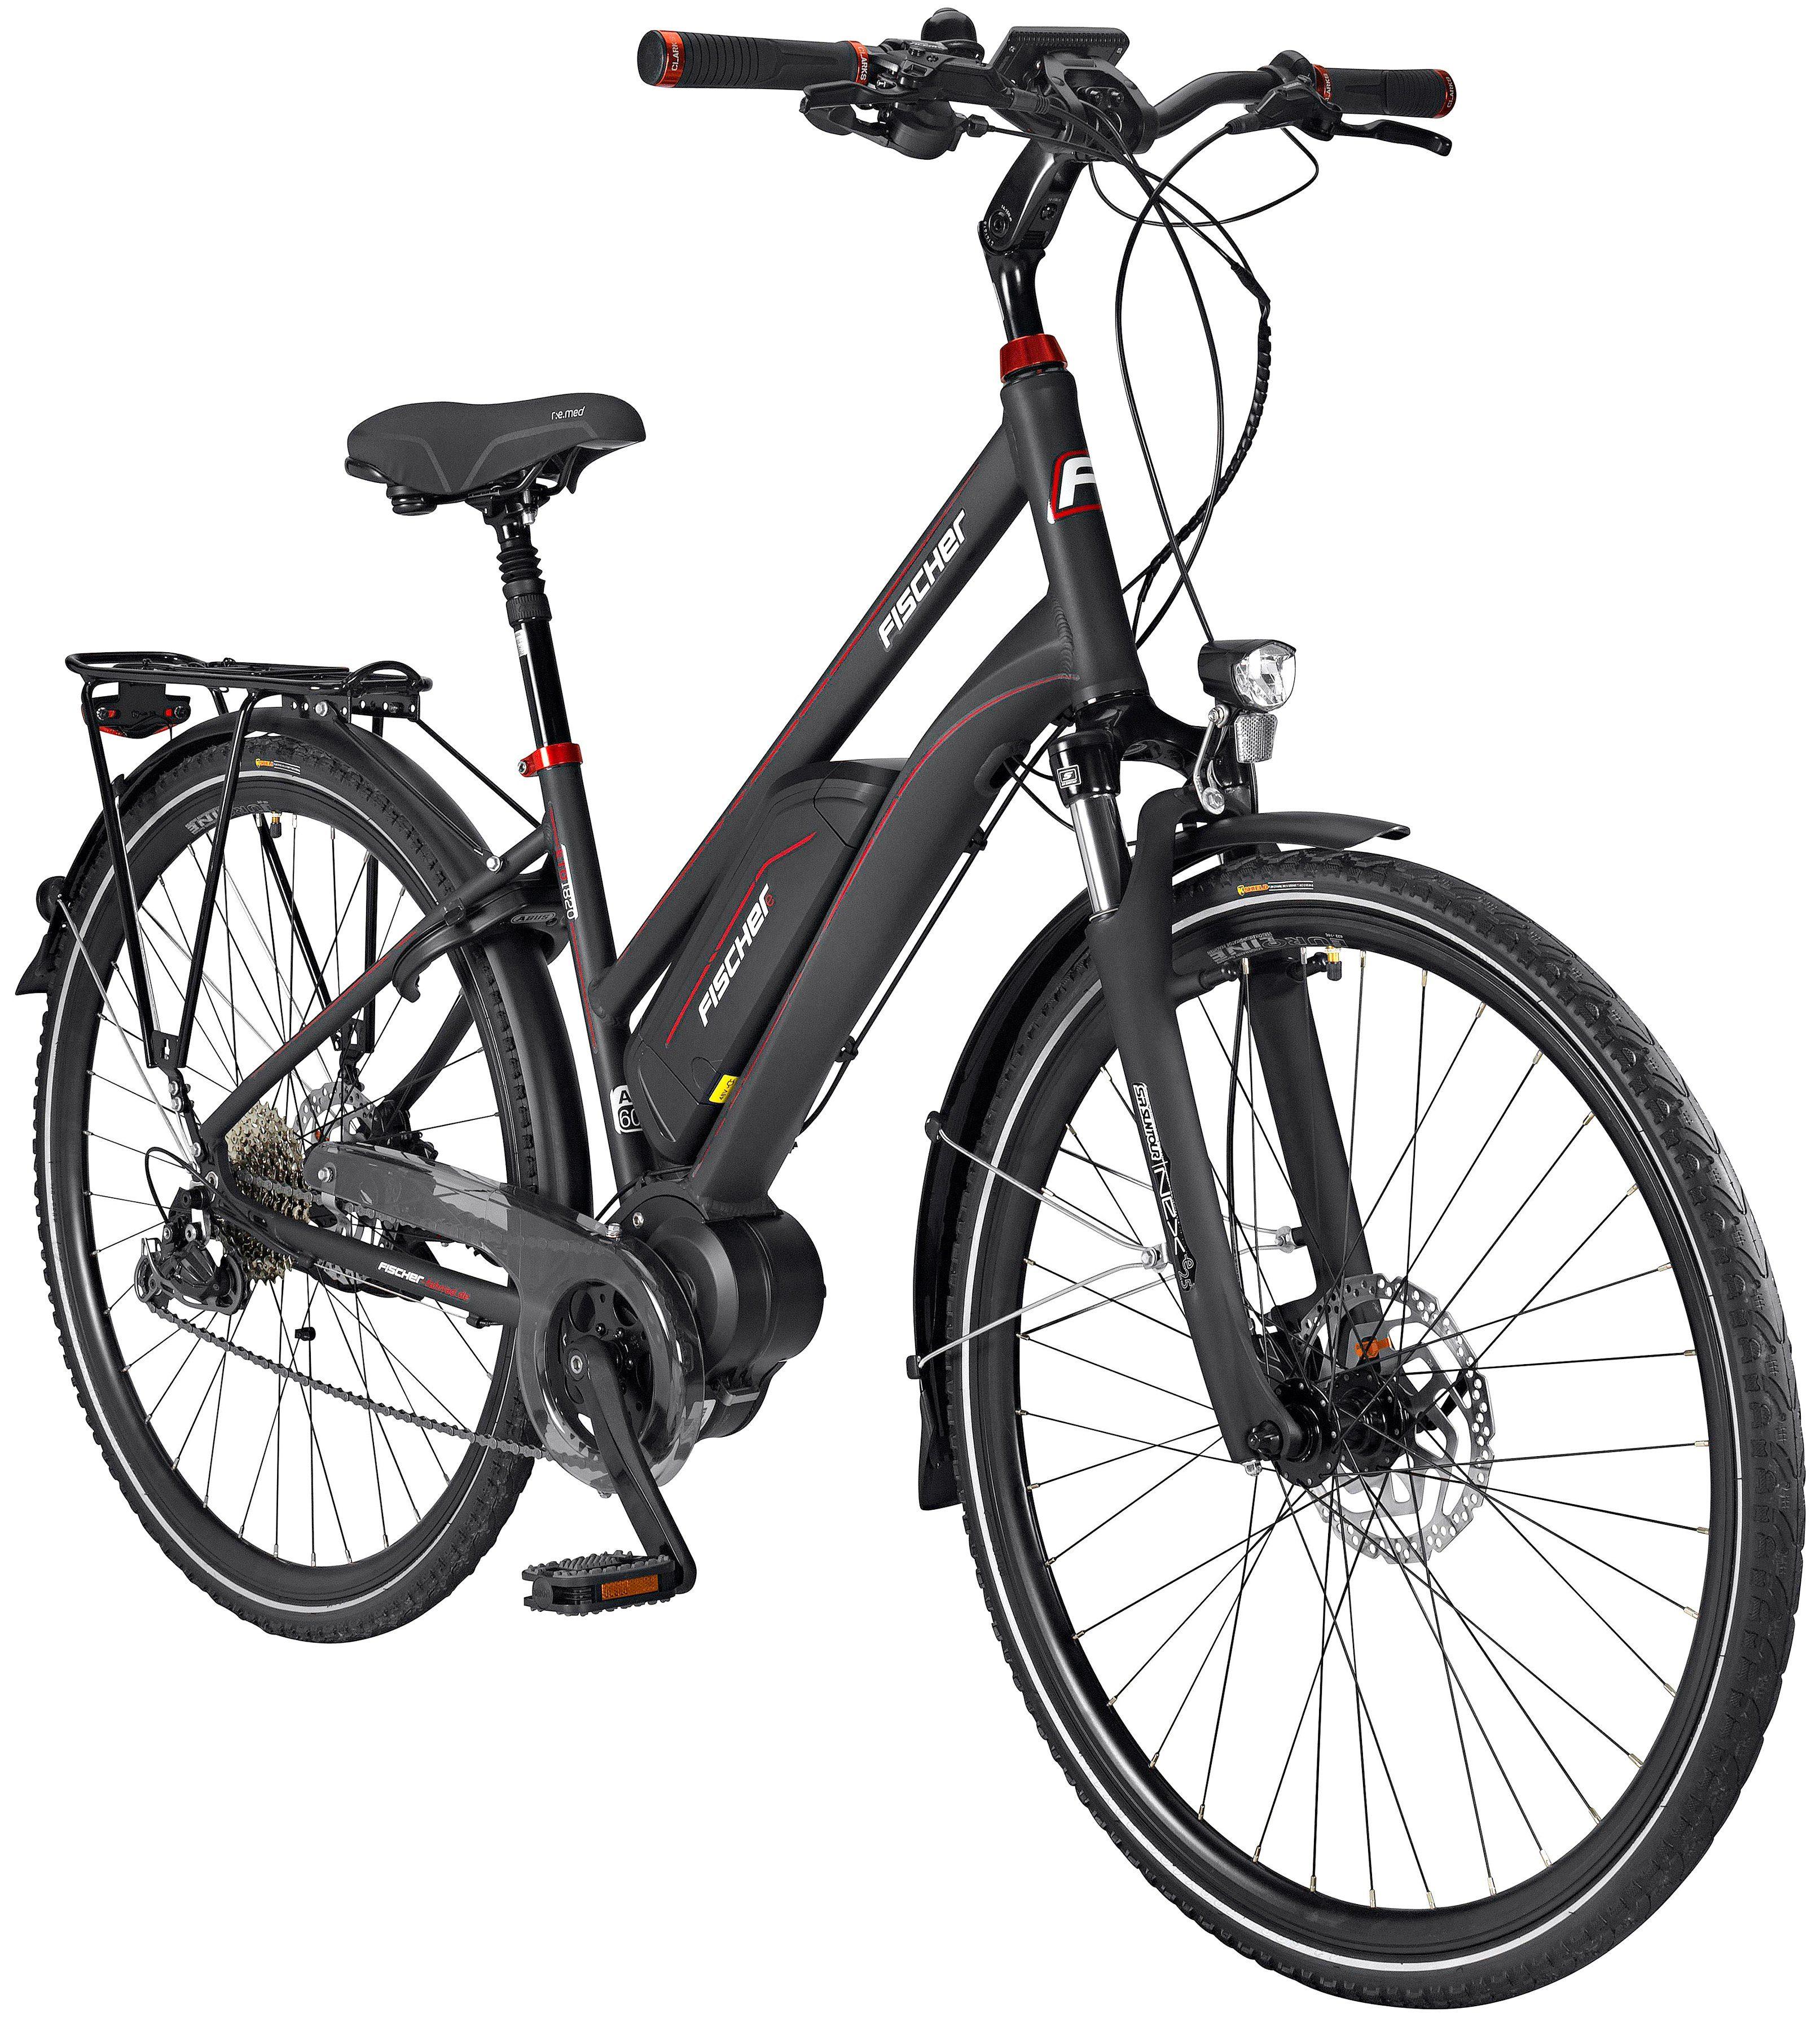 FISCHER FAHRRAEDER E-Bike Trekking Damen »ETD1820«, 28 Zoll, 9 Gänge, 422 Wh, Mittelmotor